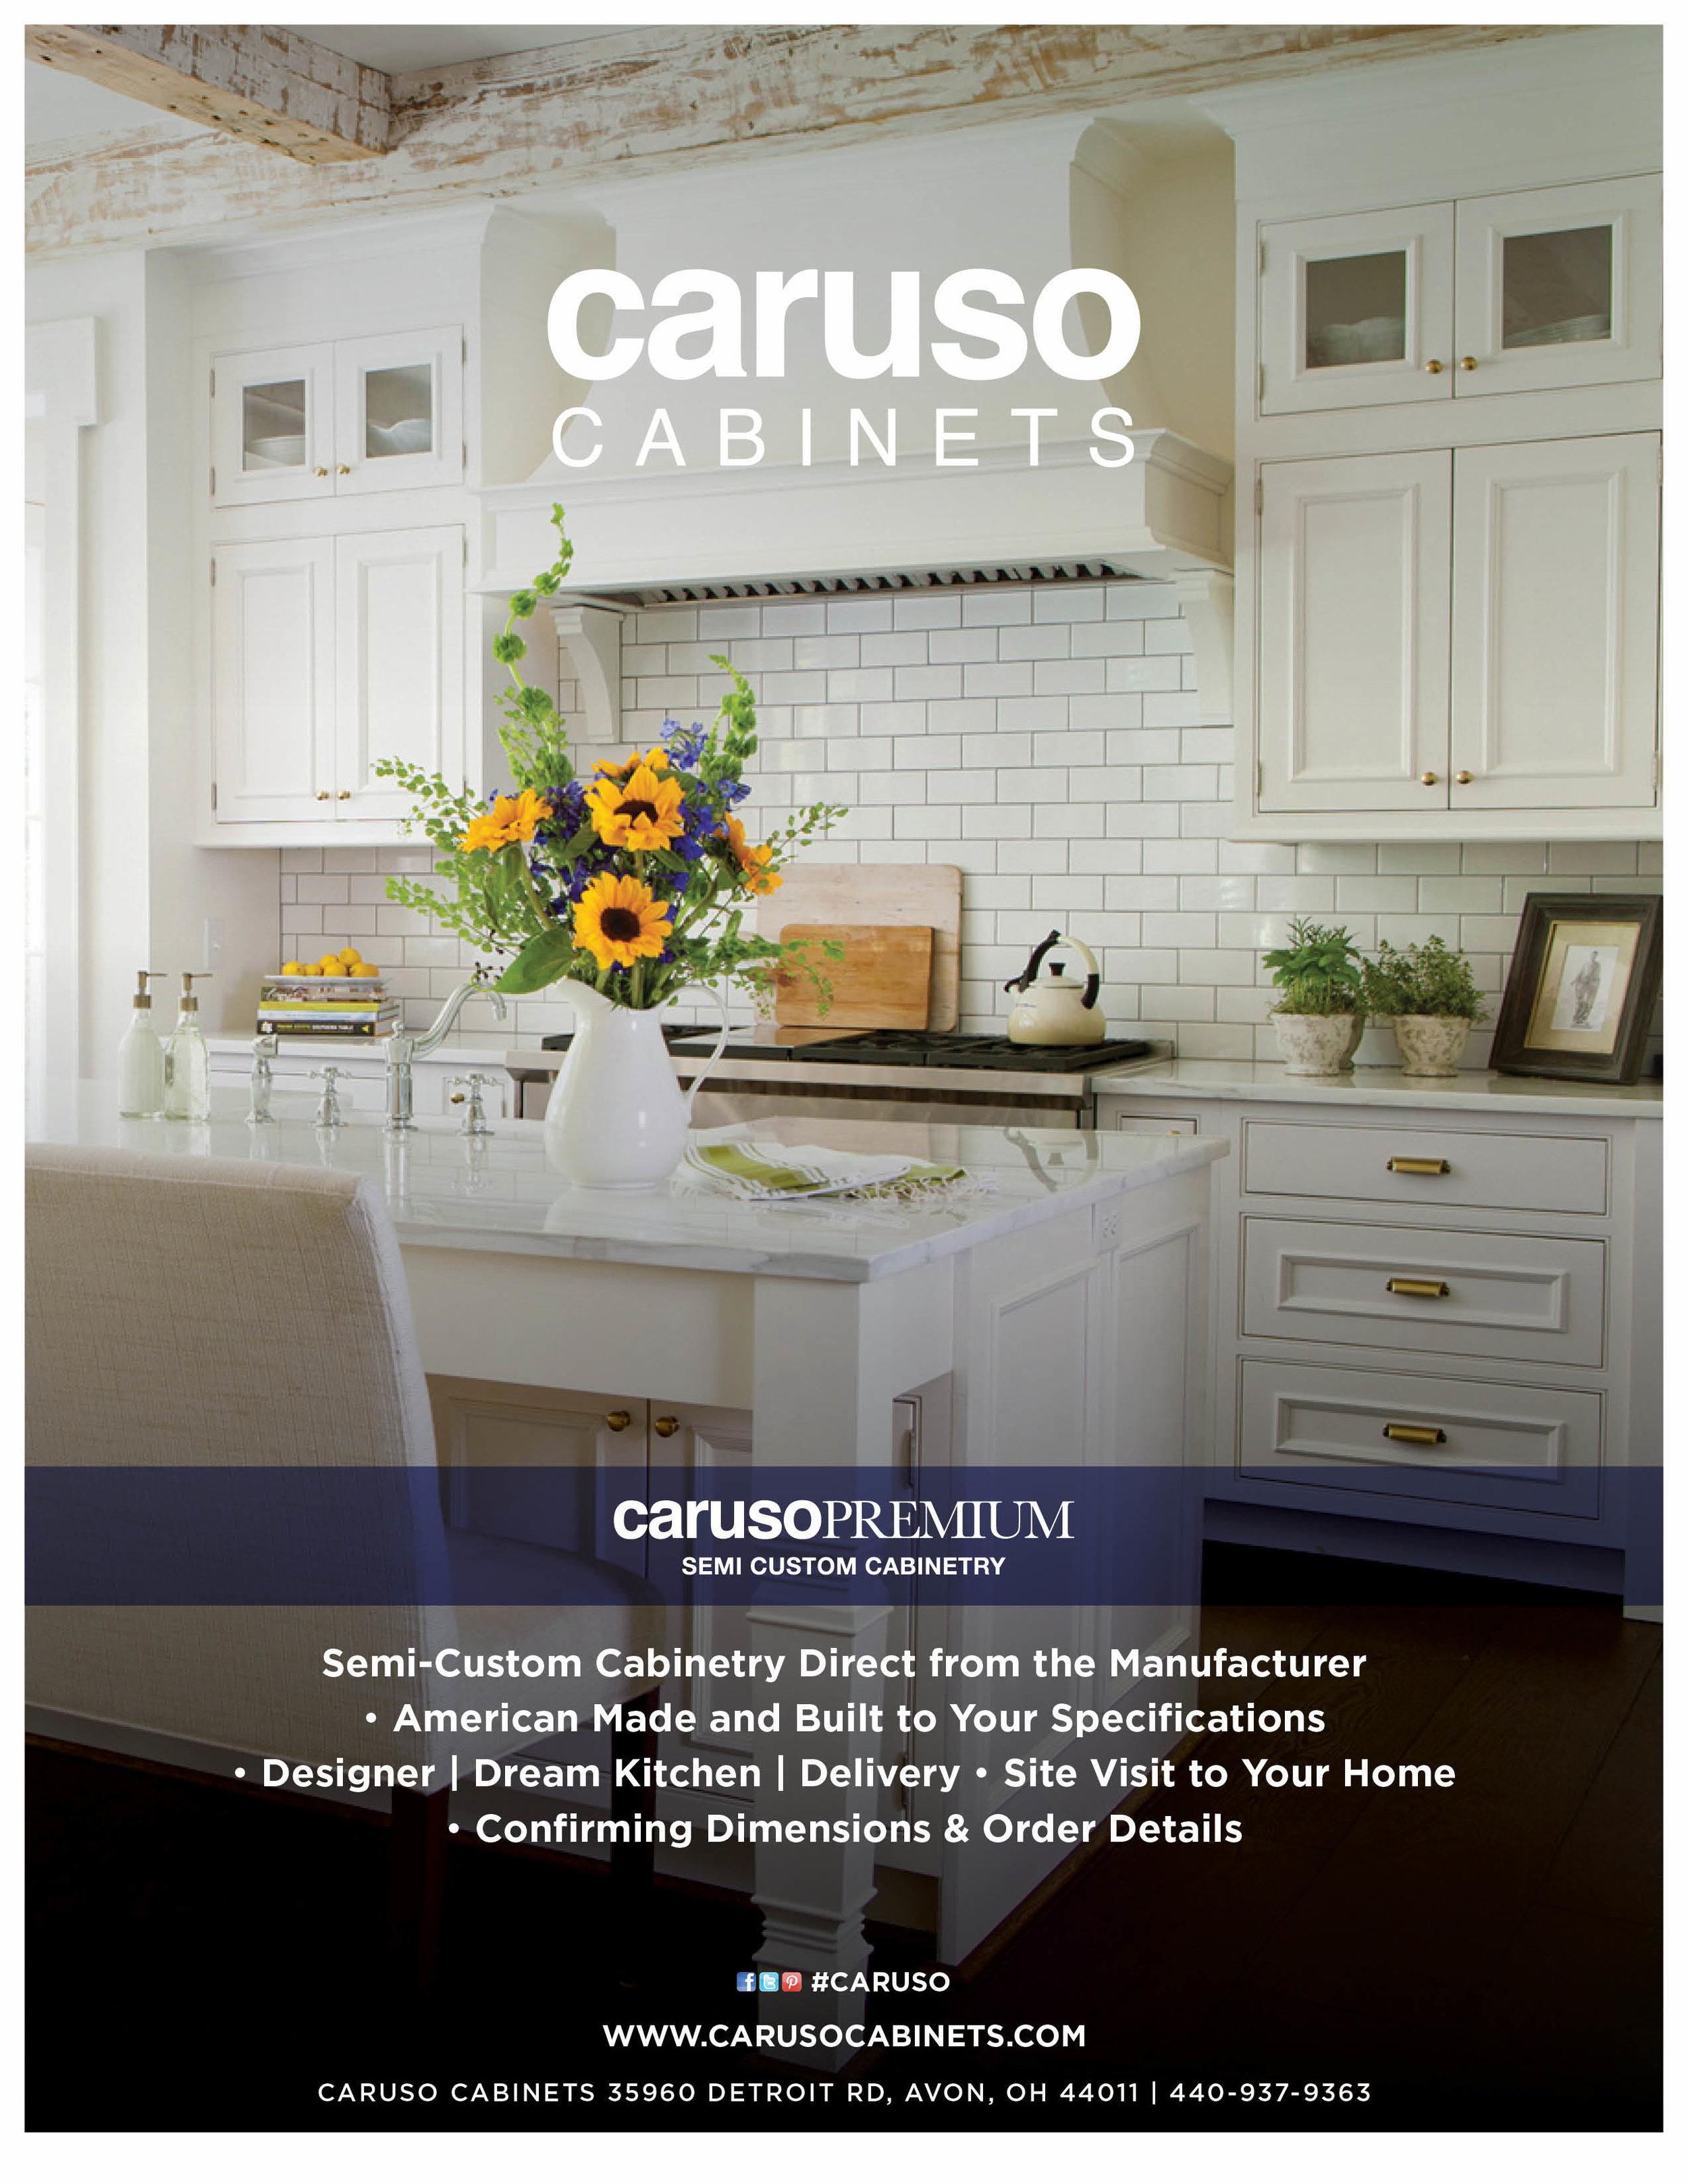 Caruso Cabinets